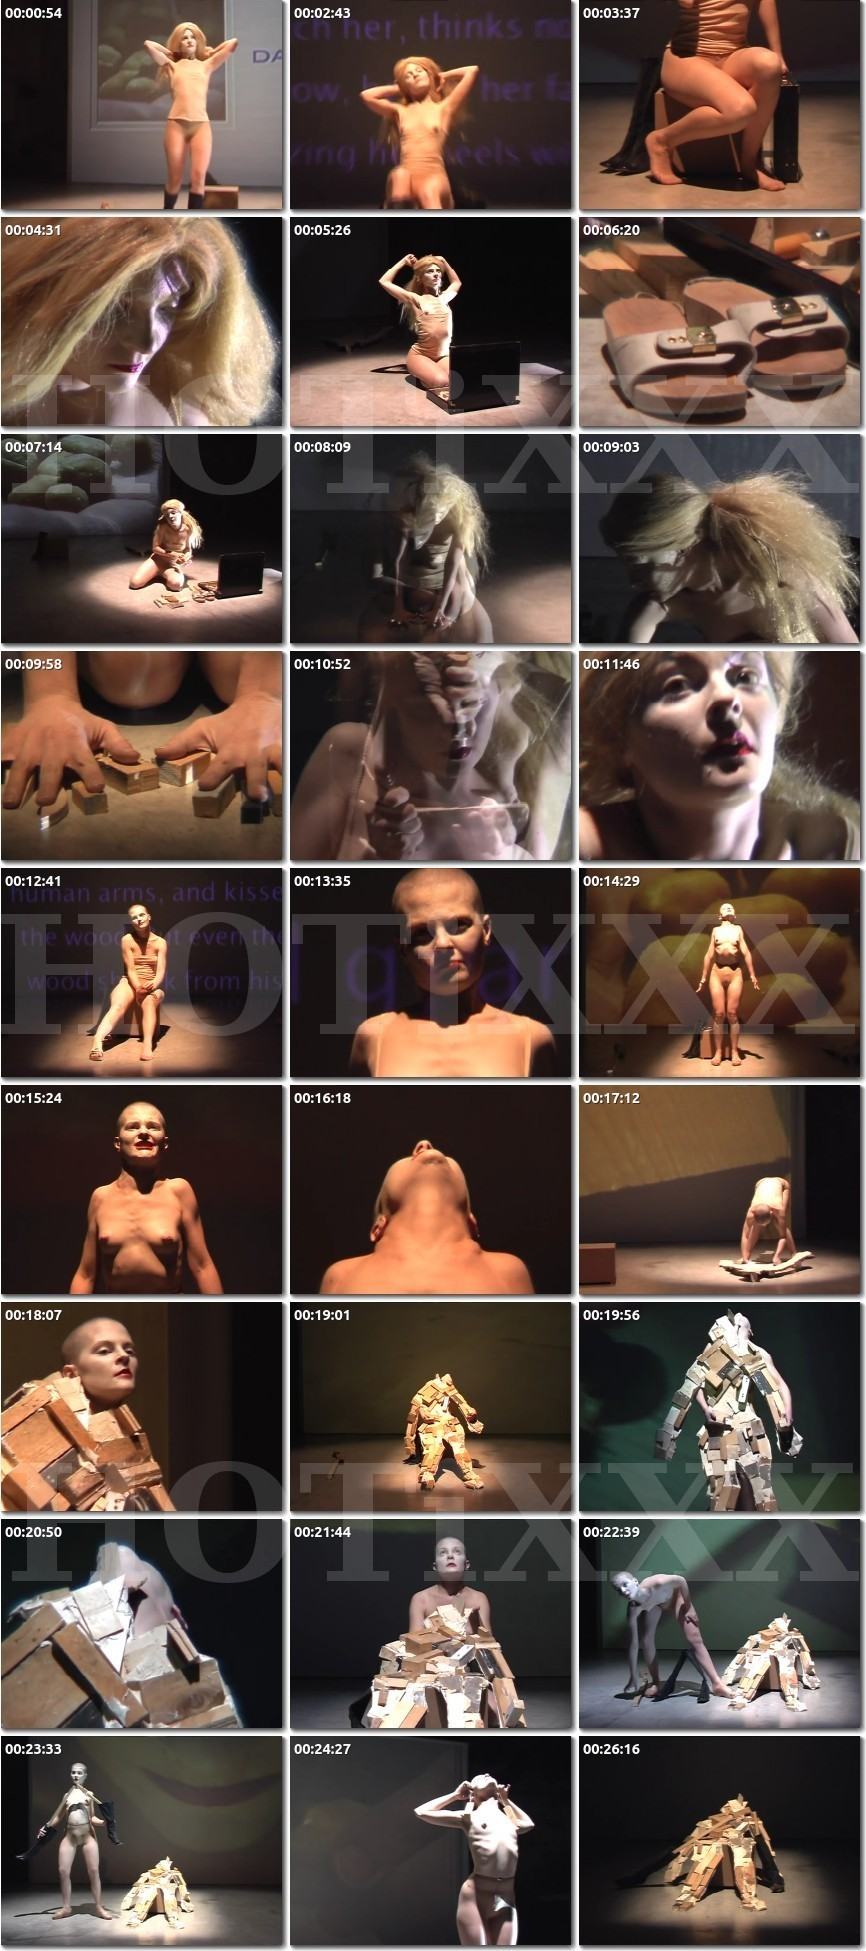 Смотреть порно видео онлайн бесплатно